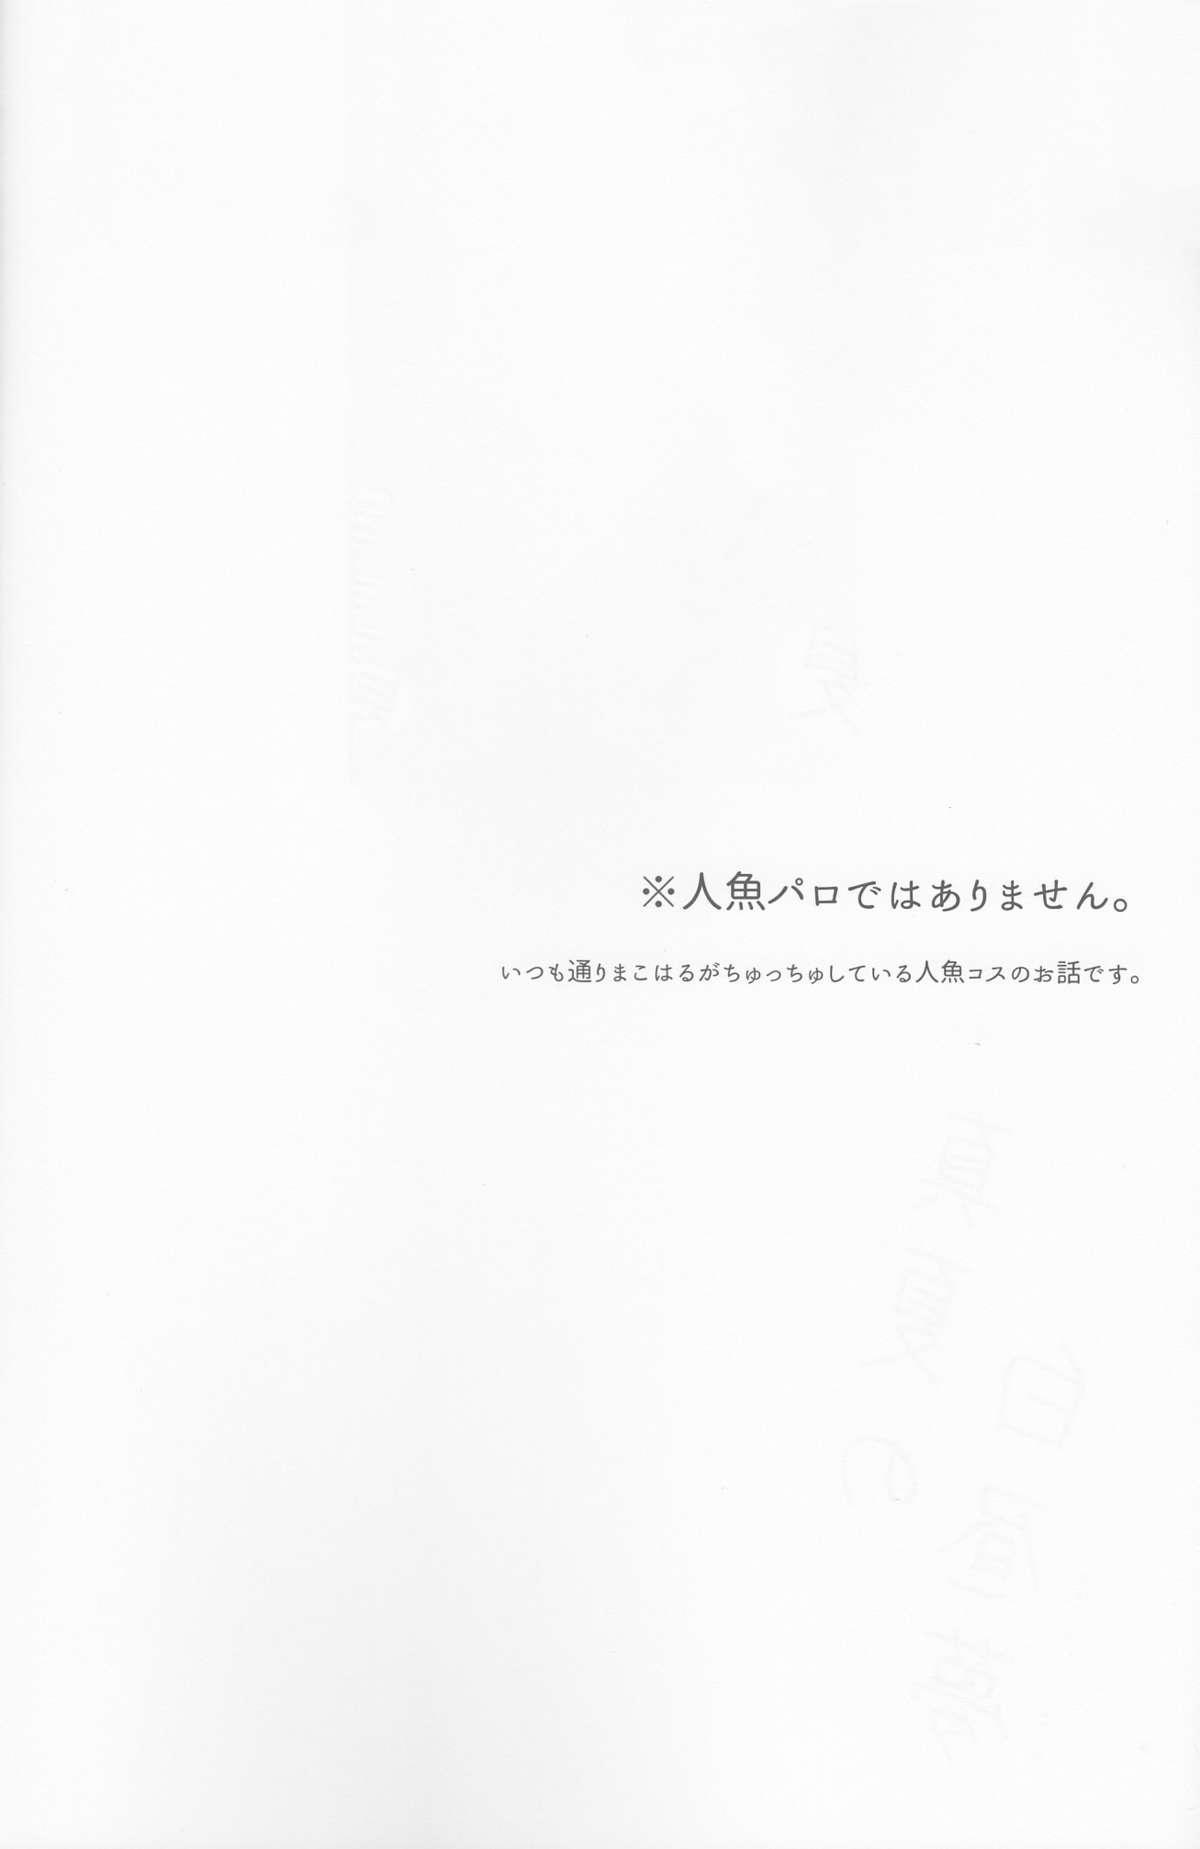 Manatsu no hakuchuumu 2